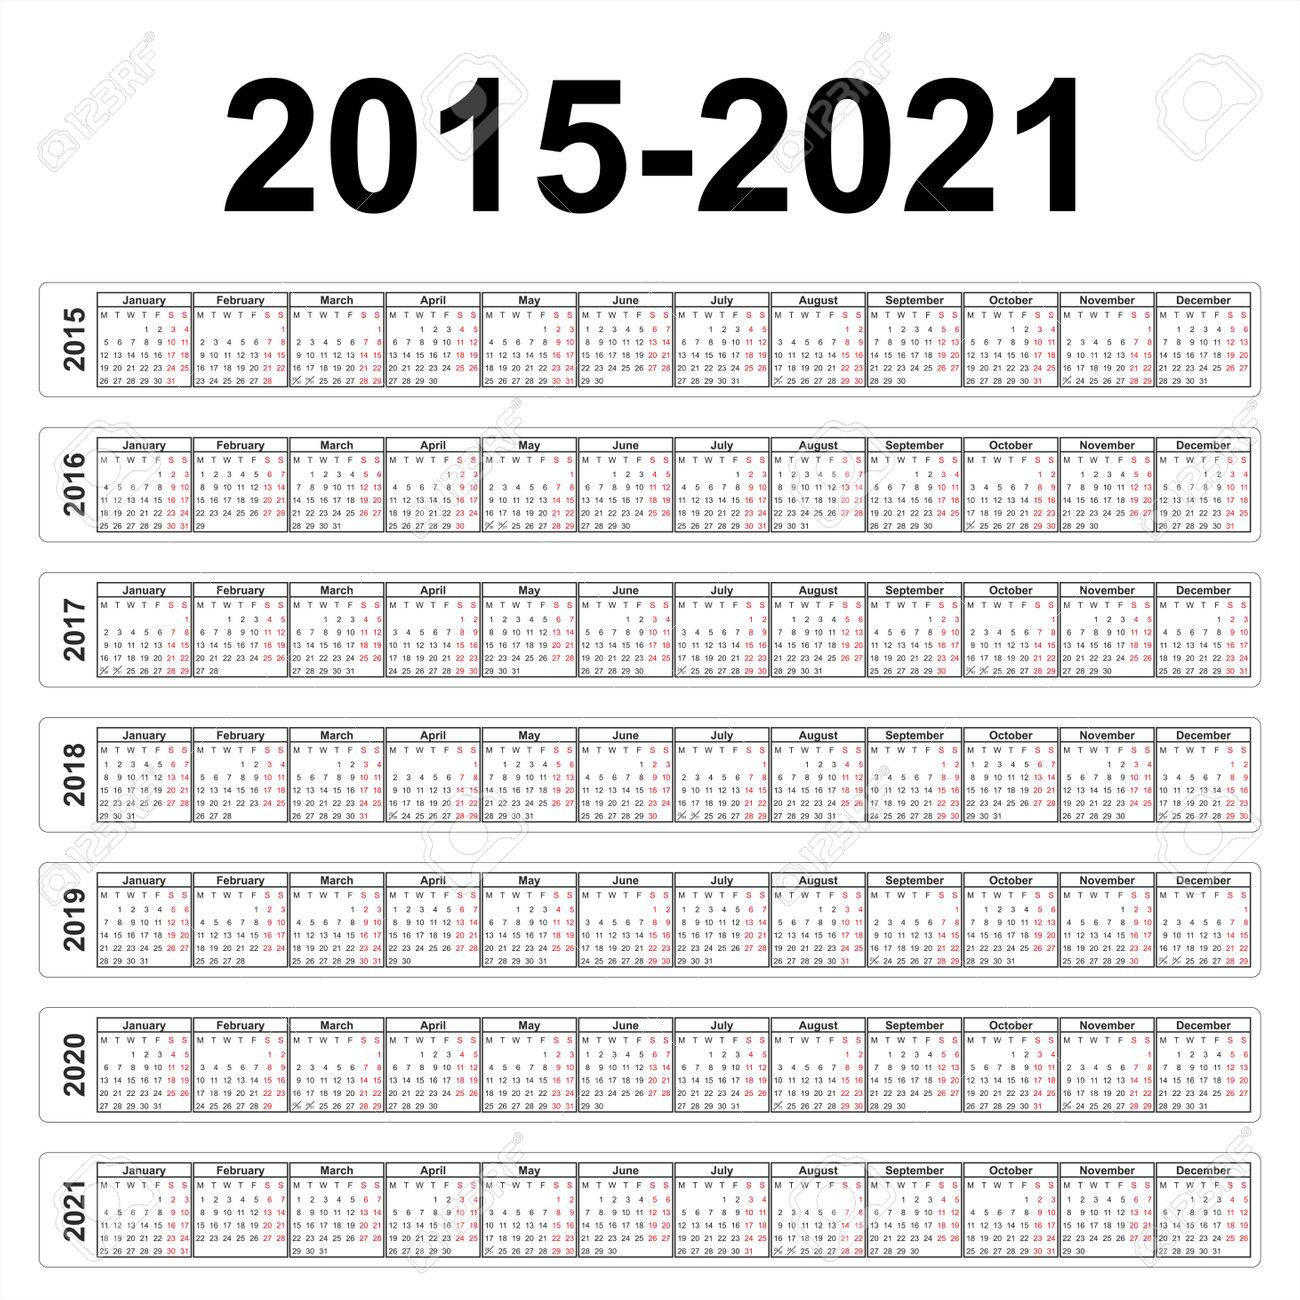 Calendriers Des Années 2015 Jusqu'à 2021 Clip Art Libres De Droits